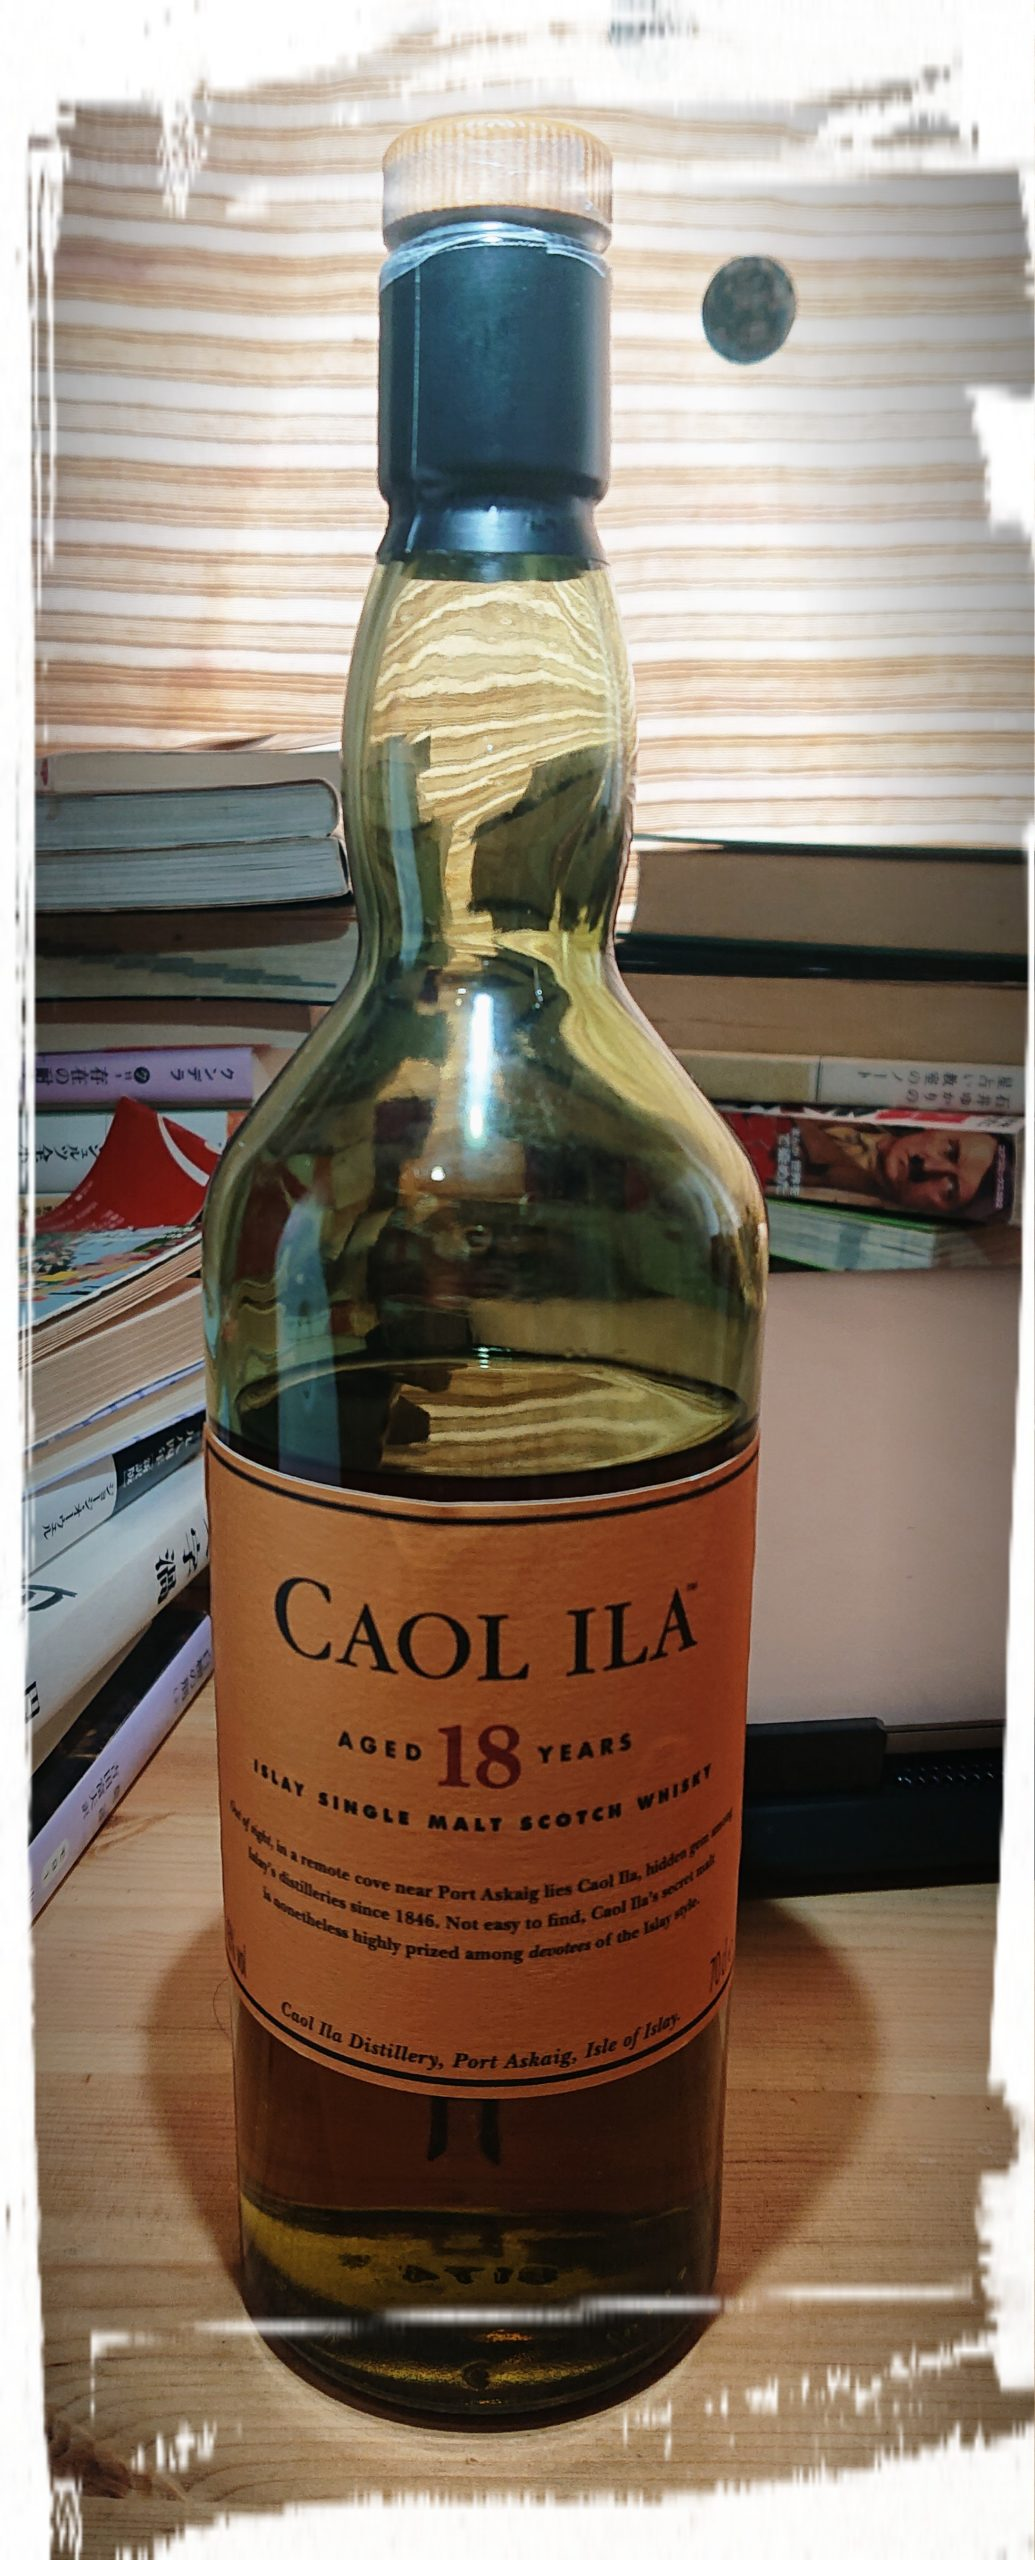 カリラ18年のテイスティング&レヴュー・アイラ的カリラ的ヨード香満載&フルーツの海。このやみつきになるパラドックスを味わうべし!